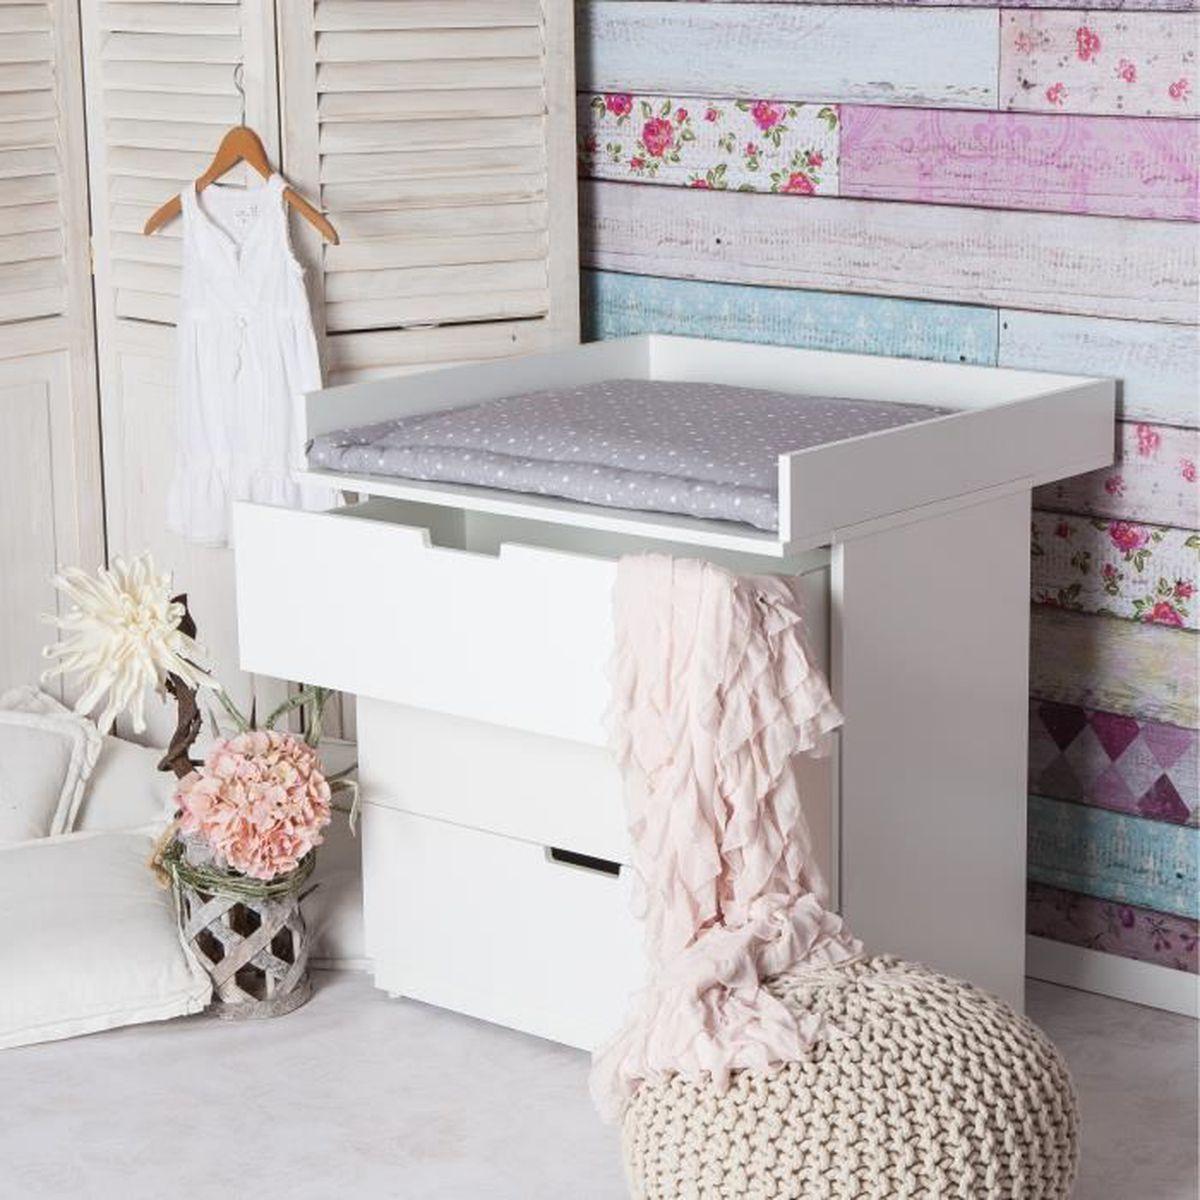 xs plan langer pour tous les commodes ikea nordli blanc blanc achat vente table langer. Black Bedroom Furniture Sets. Home Design Ideas